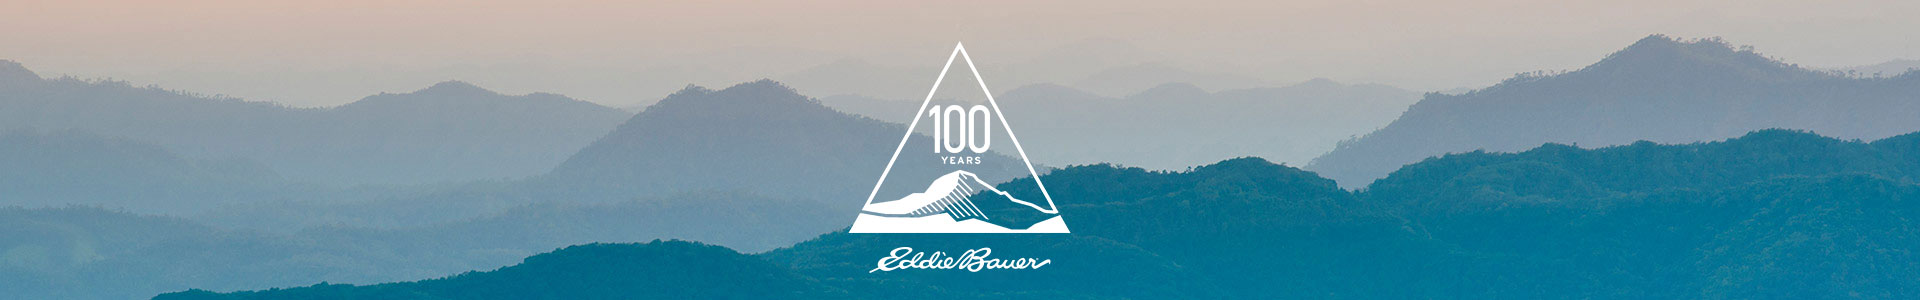 100 Jahre Eddie Bauer